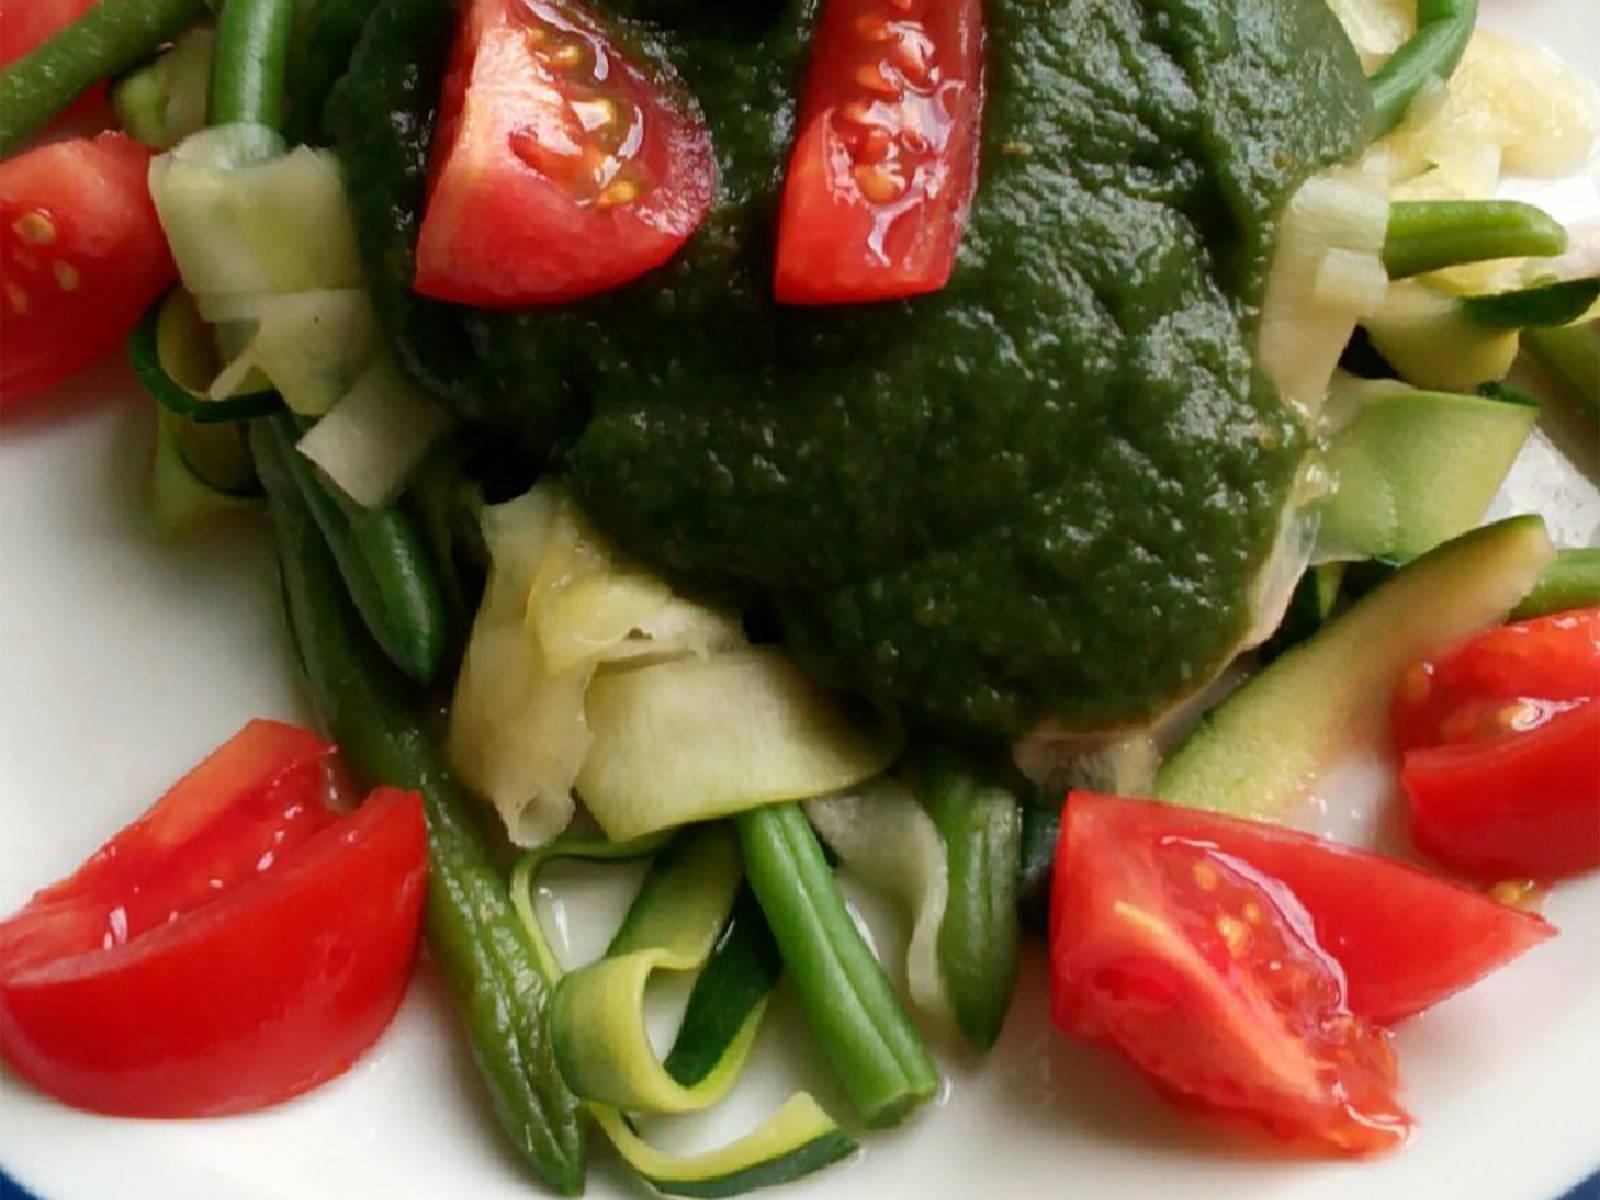 将西葫芦面和青豆倒入盘中,淋上酱汁,如果喜欢,还可以放上切片的樱桃番茄。